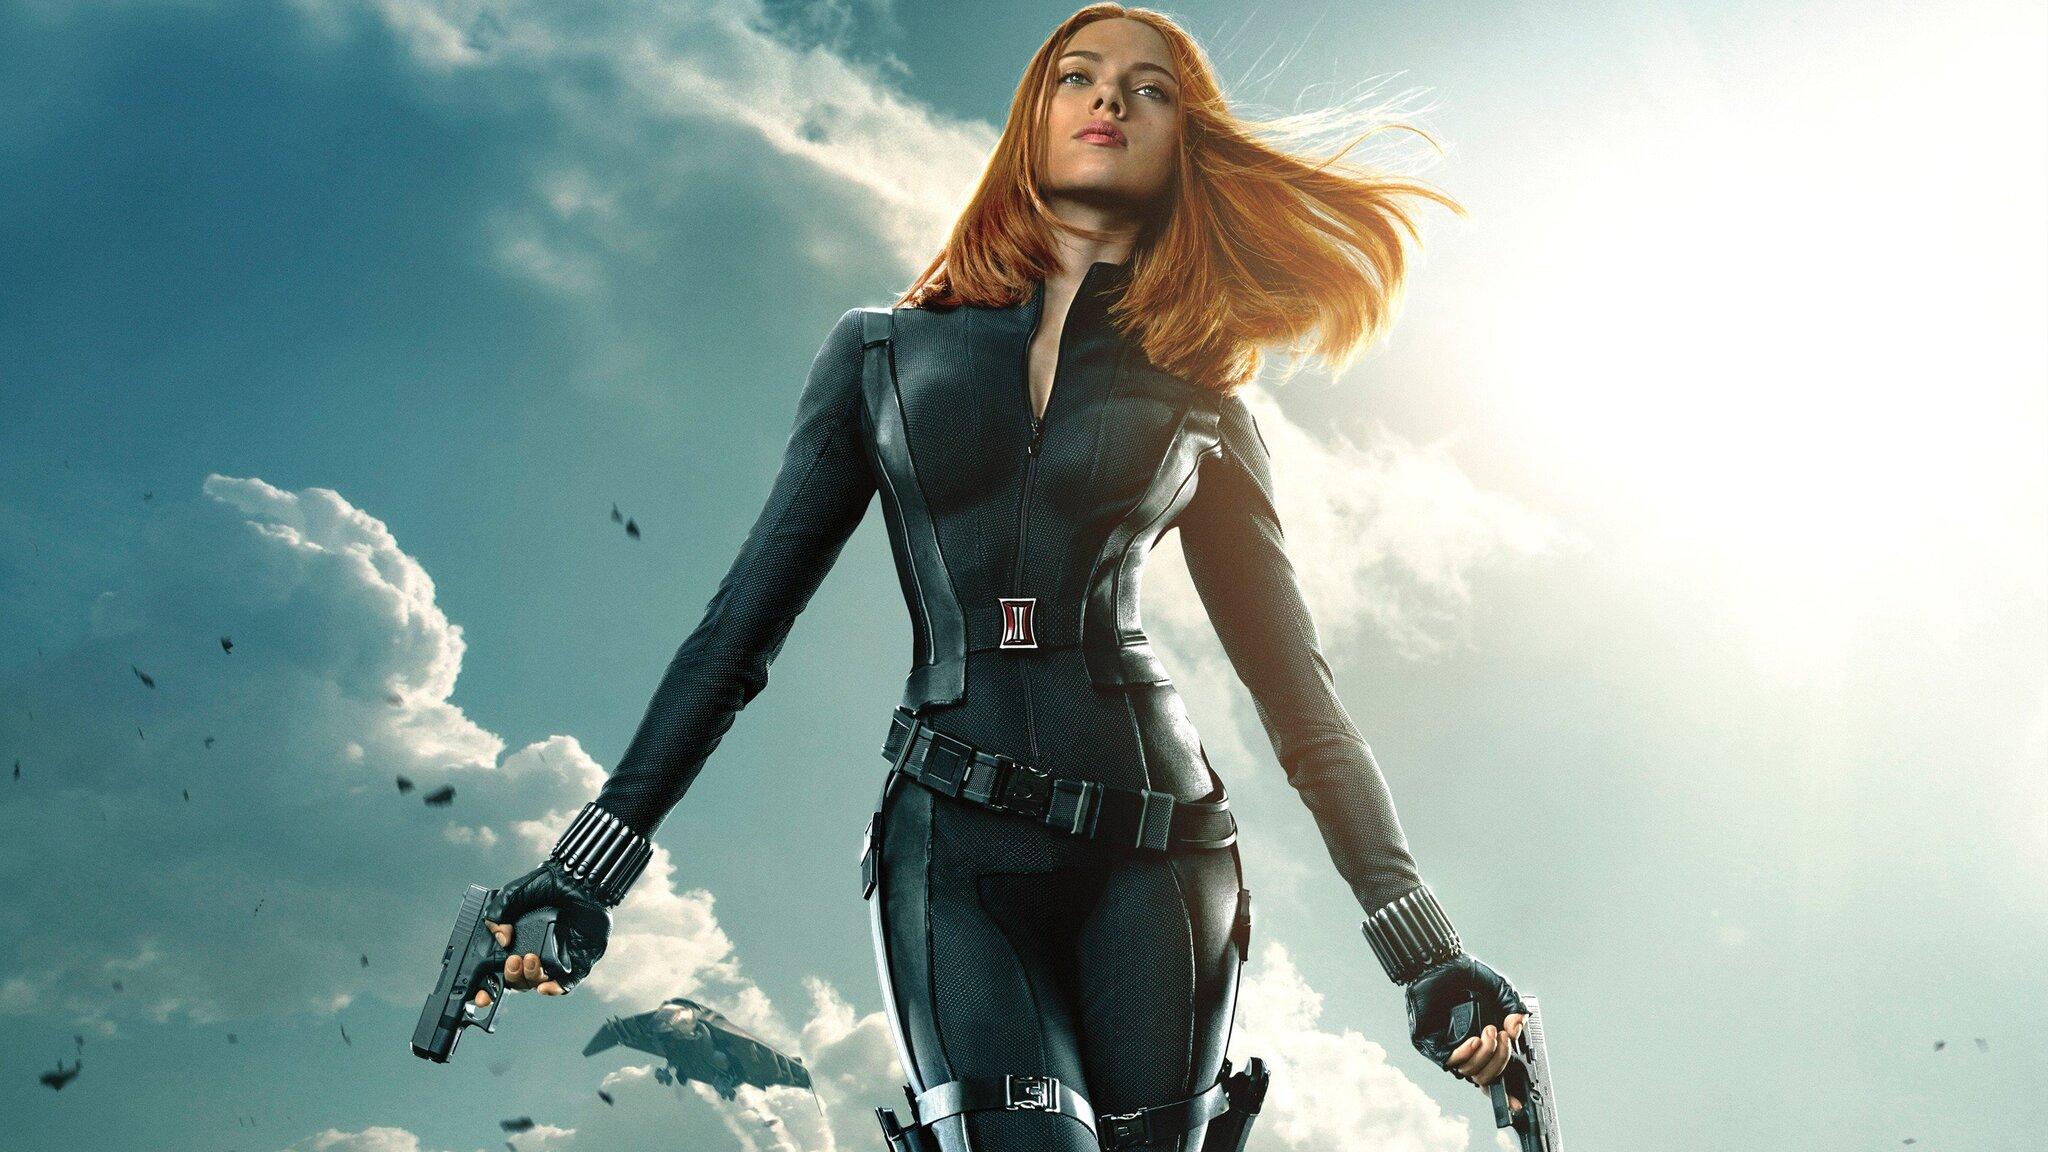 2048x1152 Black Widow Full HD 2048x1152 Resolution HD 4k ...